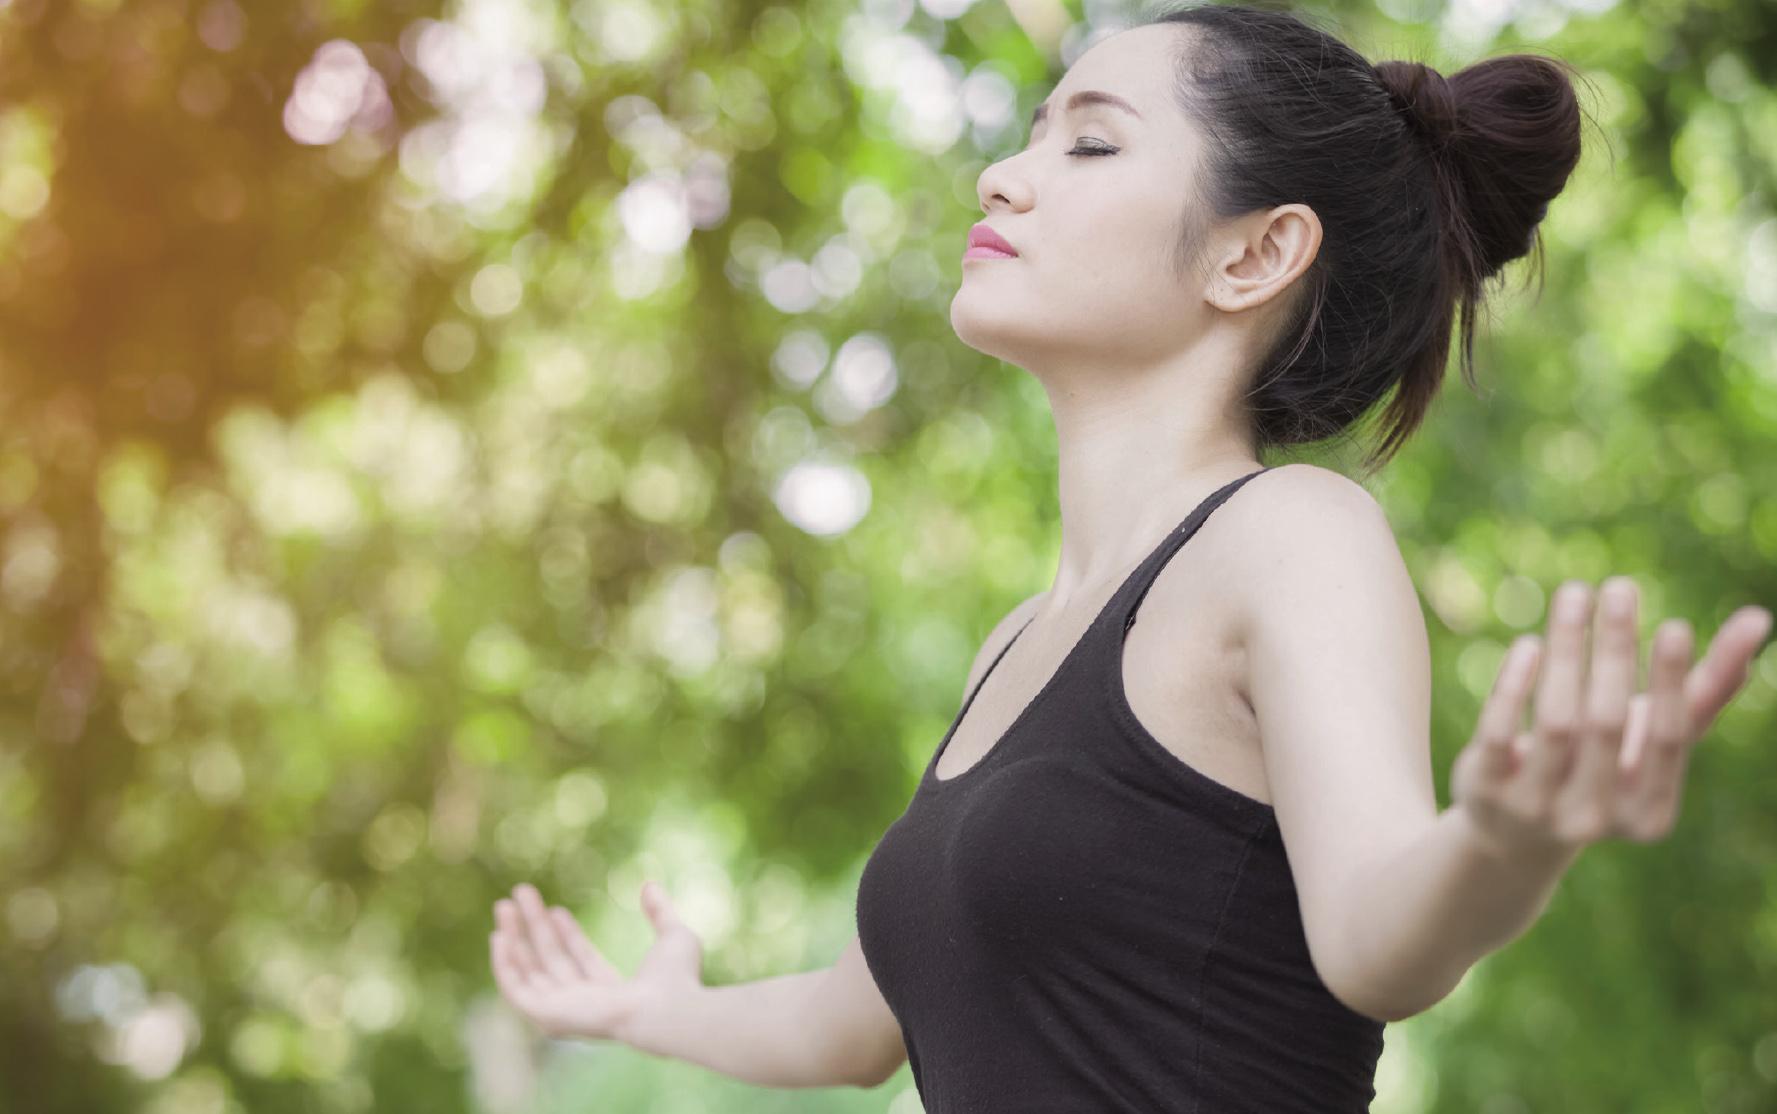 3分鐘辦公室瑜伽操 強化代謝 排毒防癌